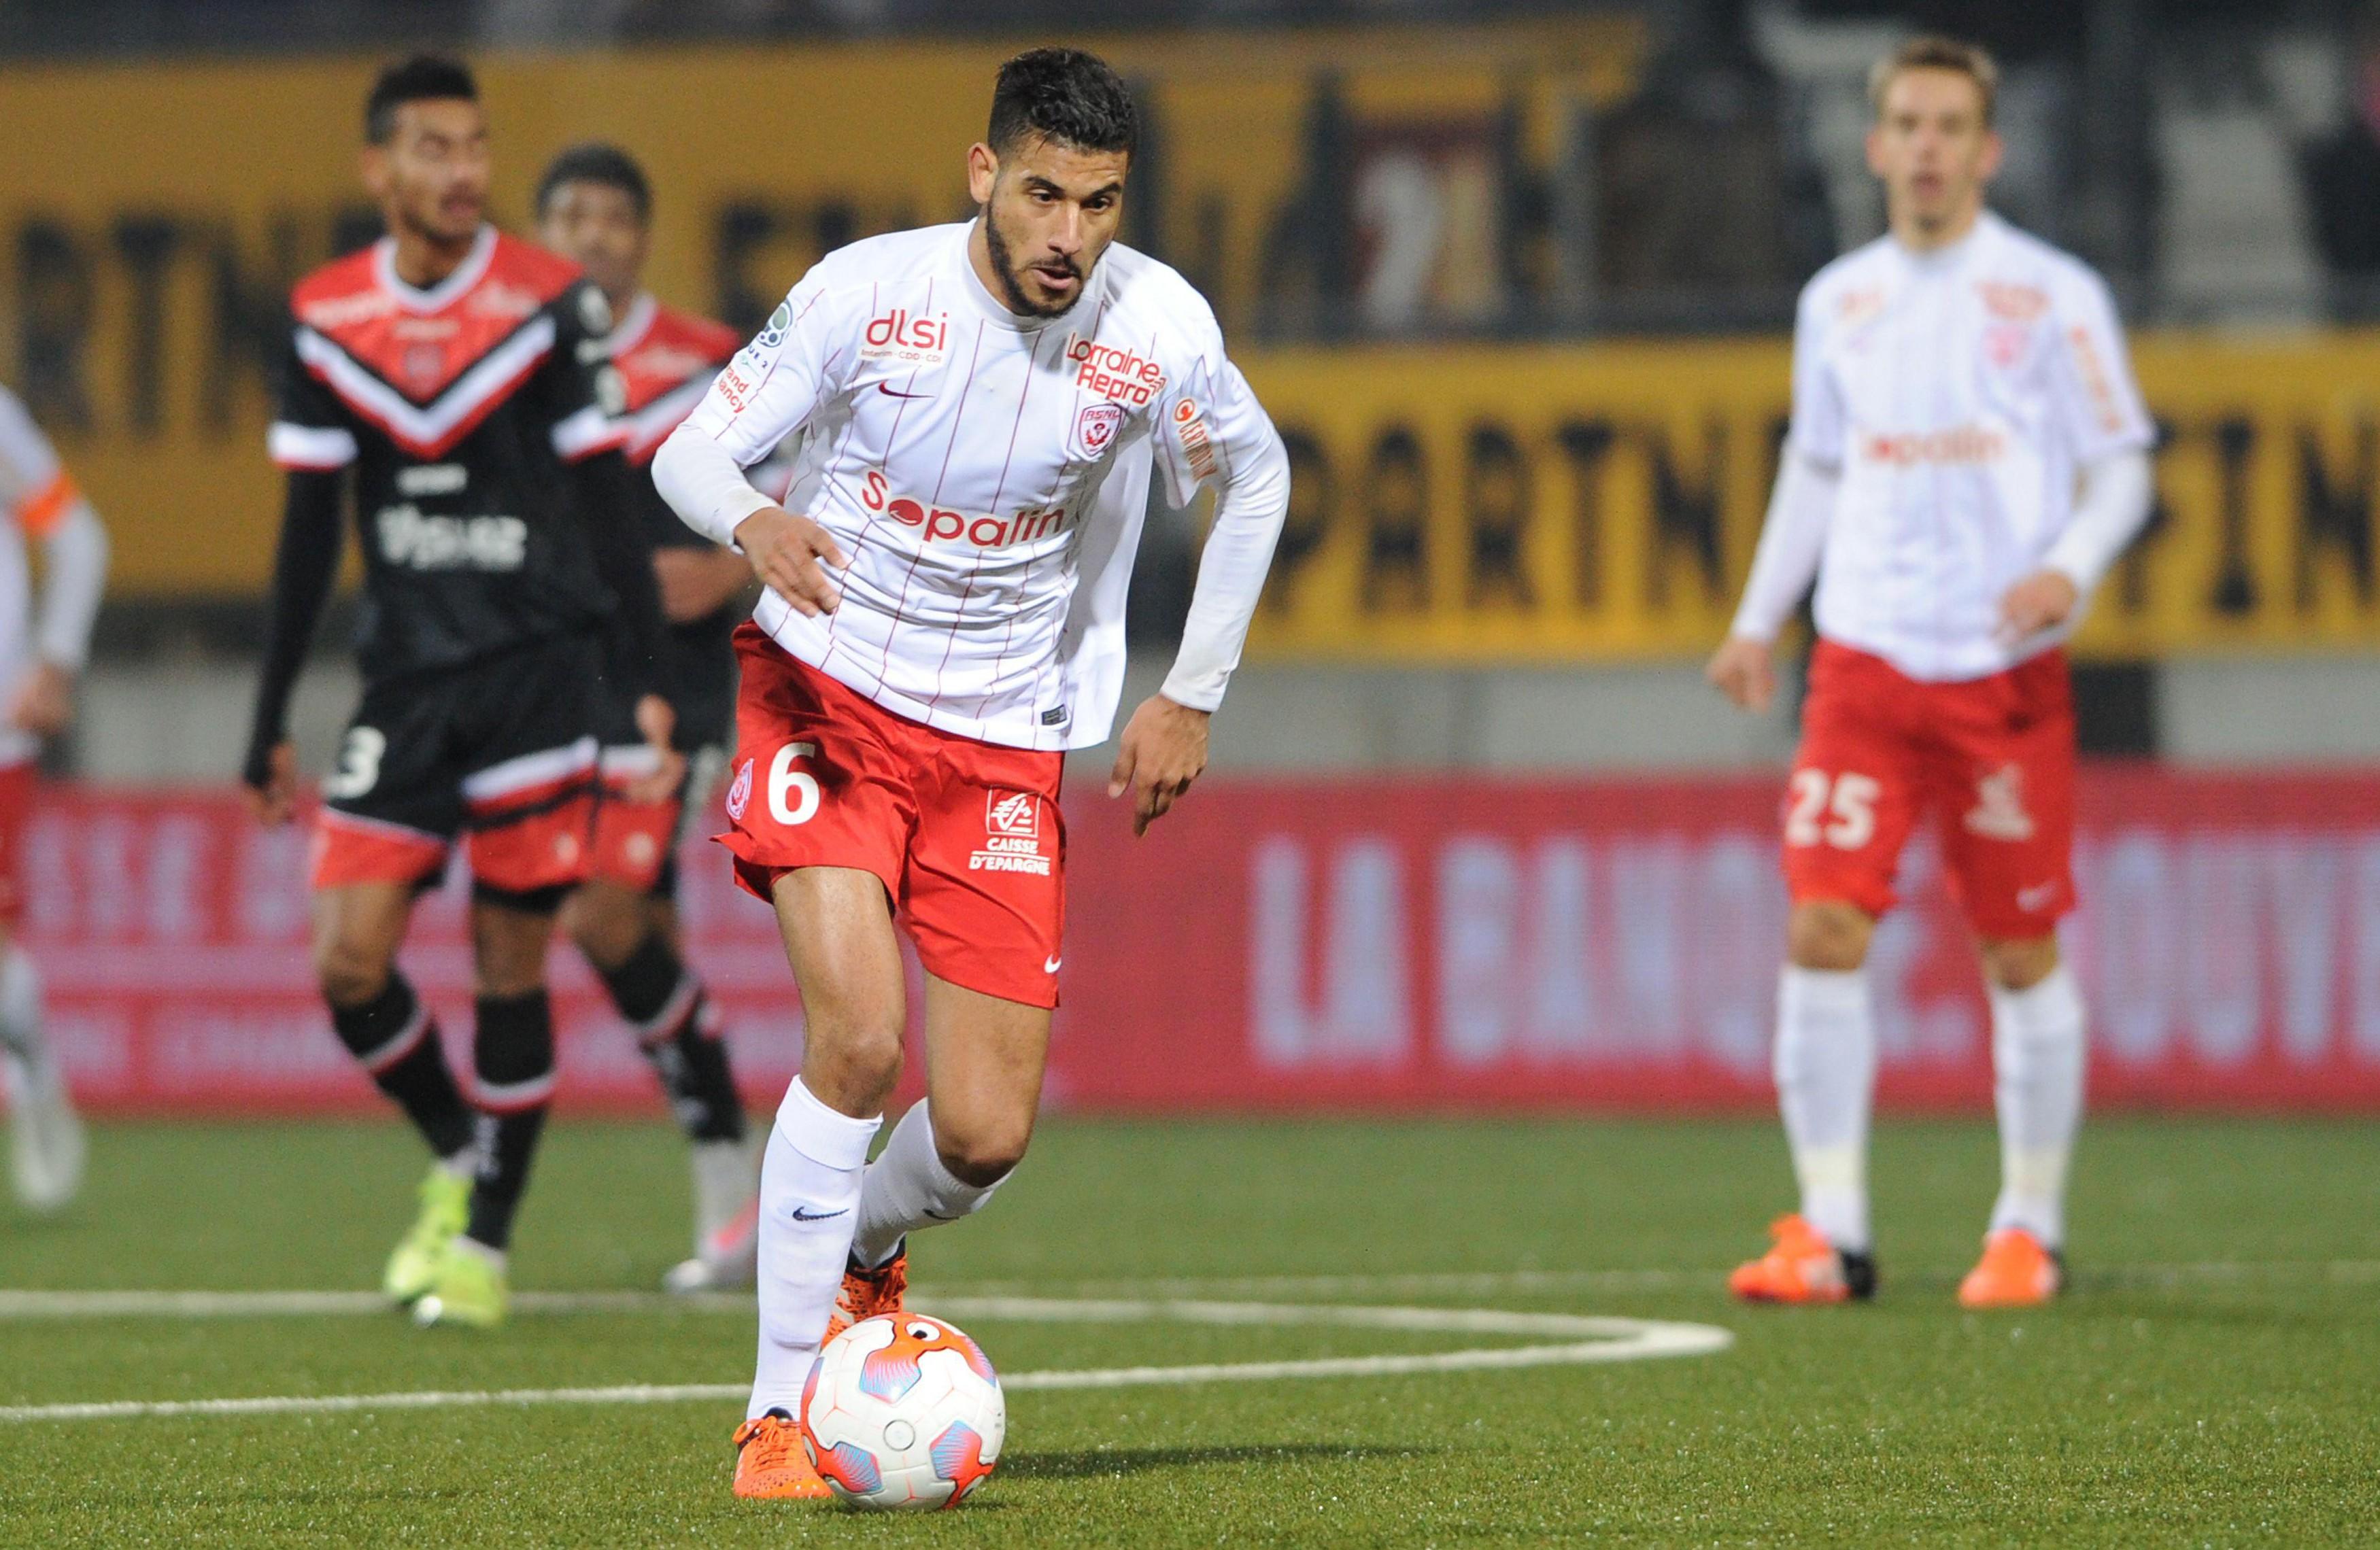 موناكو الفرنسي يتعاقد مع لاعب الوسط المغربي يوسف أيت بناصر